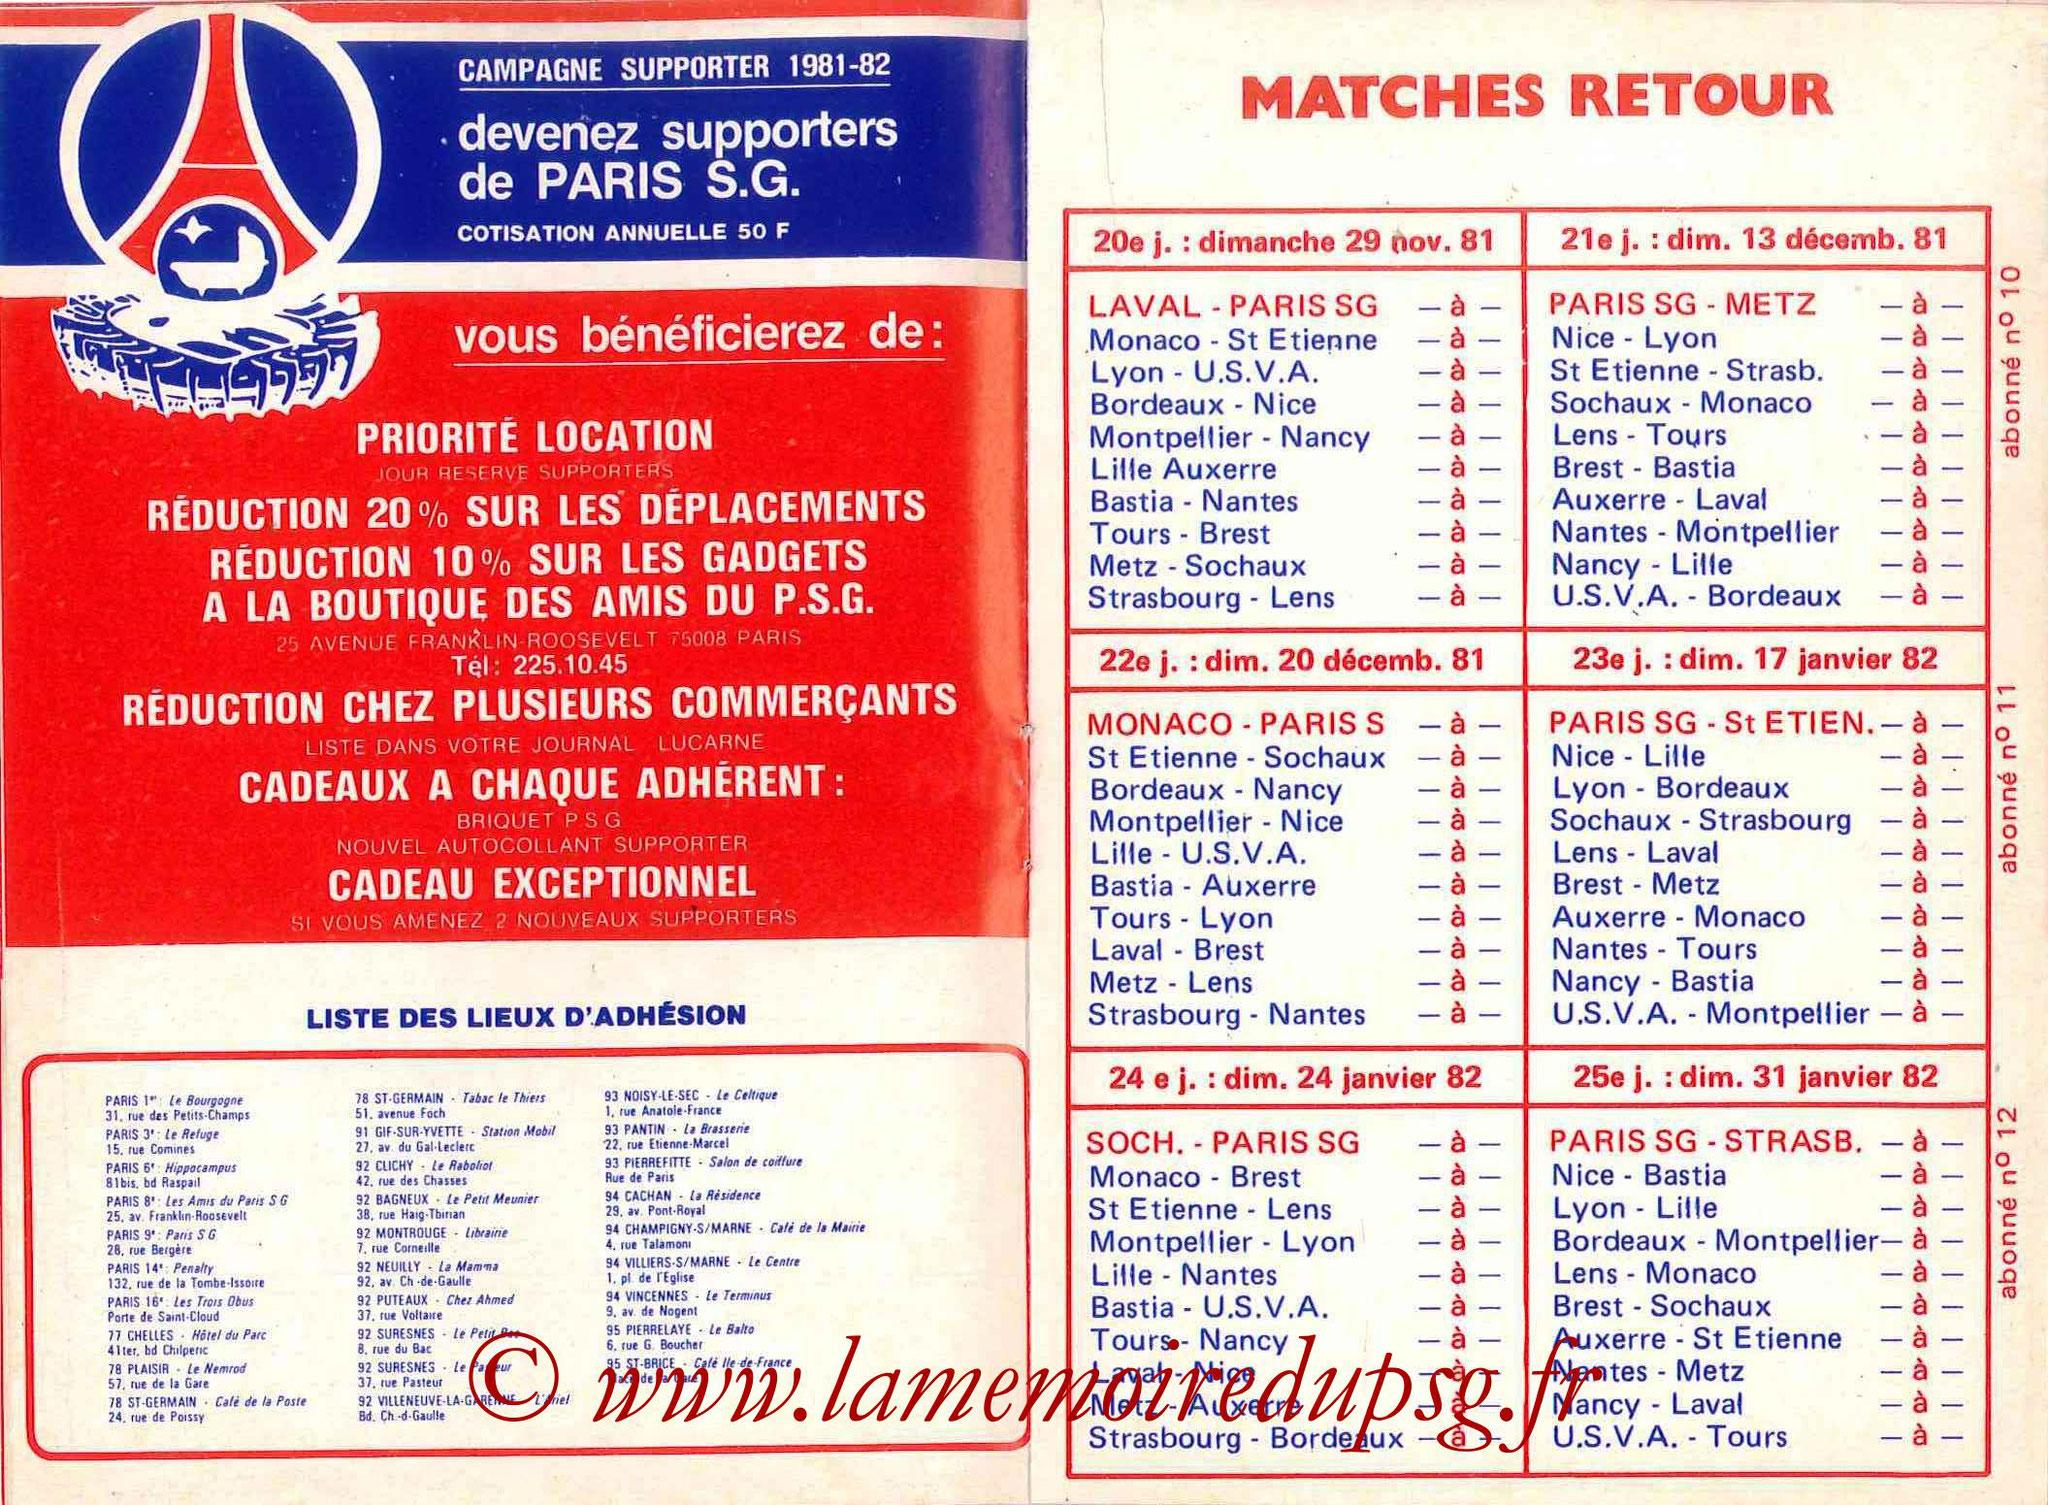 1981-82 - Guide de la Saison PSG - Pages 8 et 9